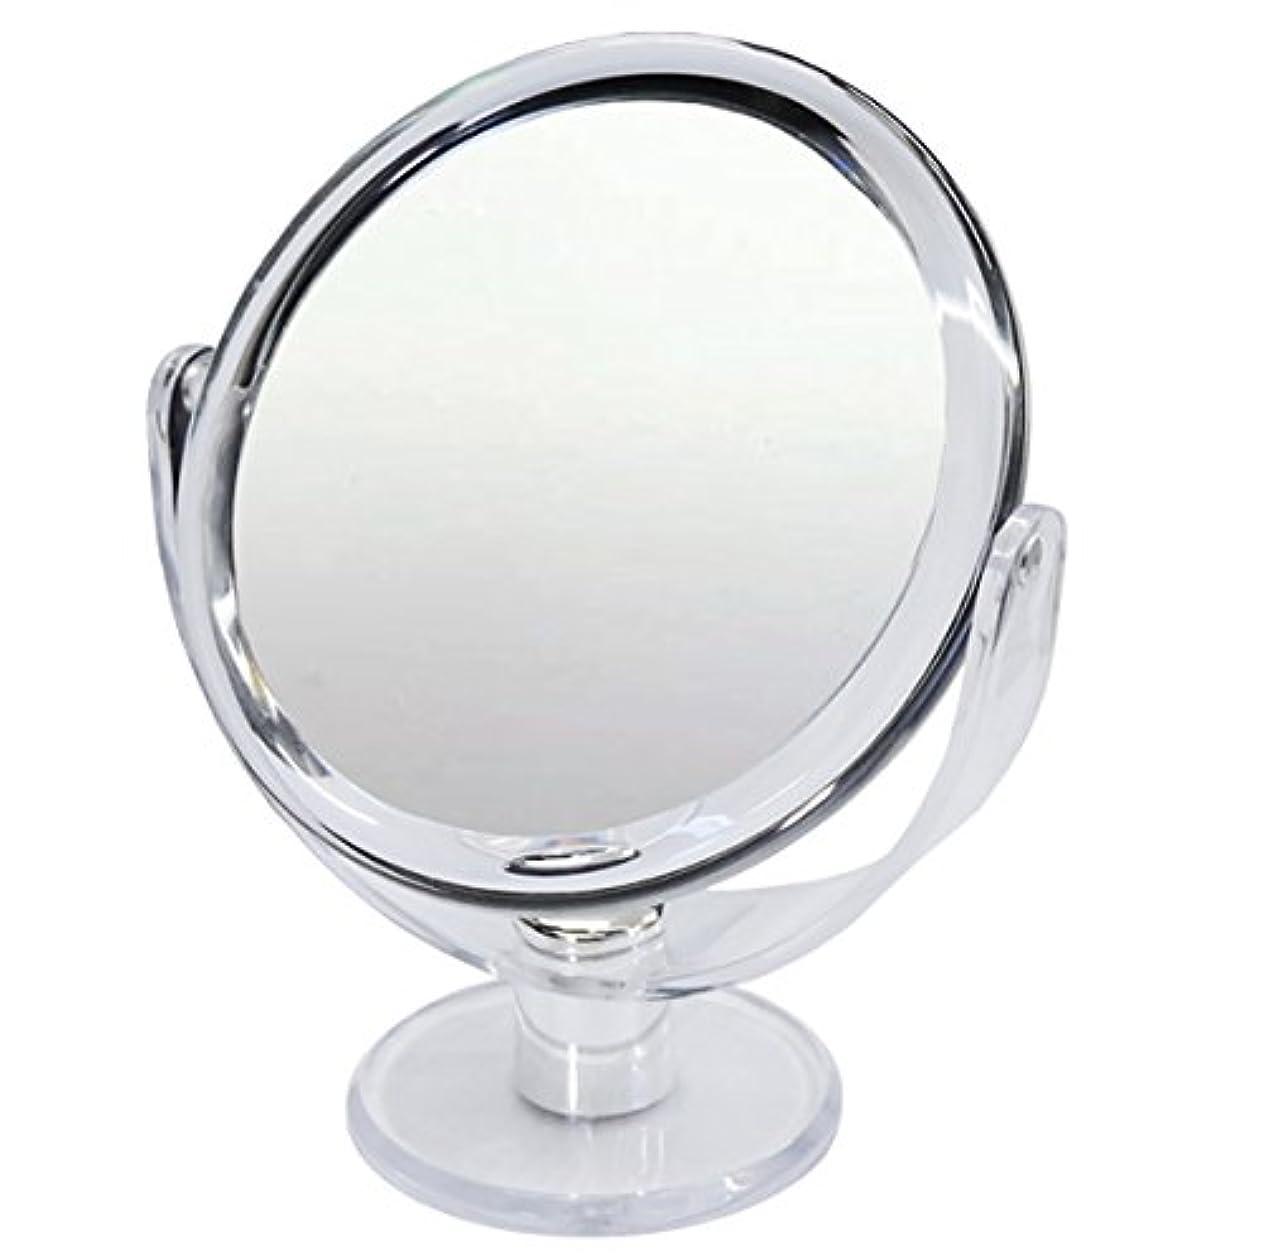 うつクリスチャン反逆10倍 拡大鏡 スタンドミラー 等倍鏡と10倍鏡の両面鏡